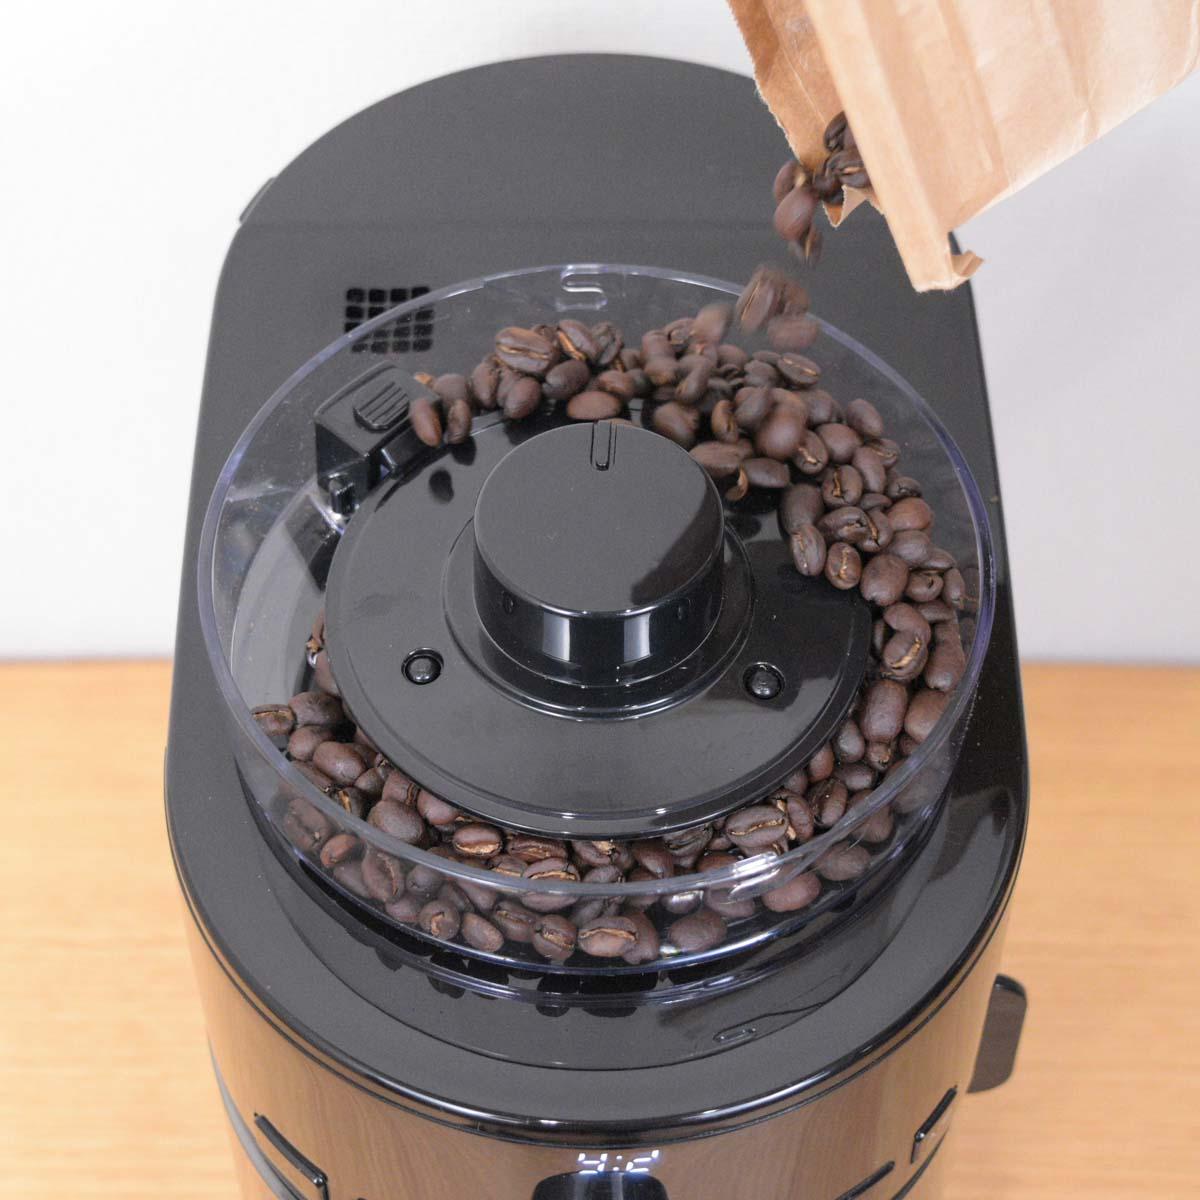 《2020年》いつでも挽き立て! おすすめ全自動コーヒーメーカー10選